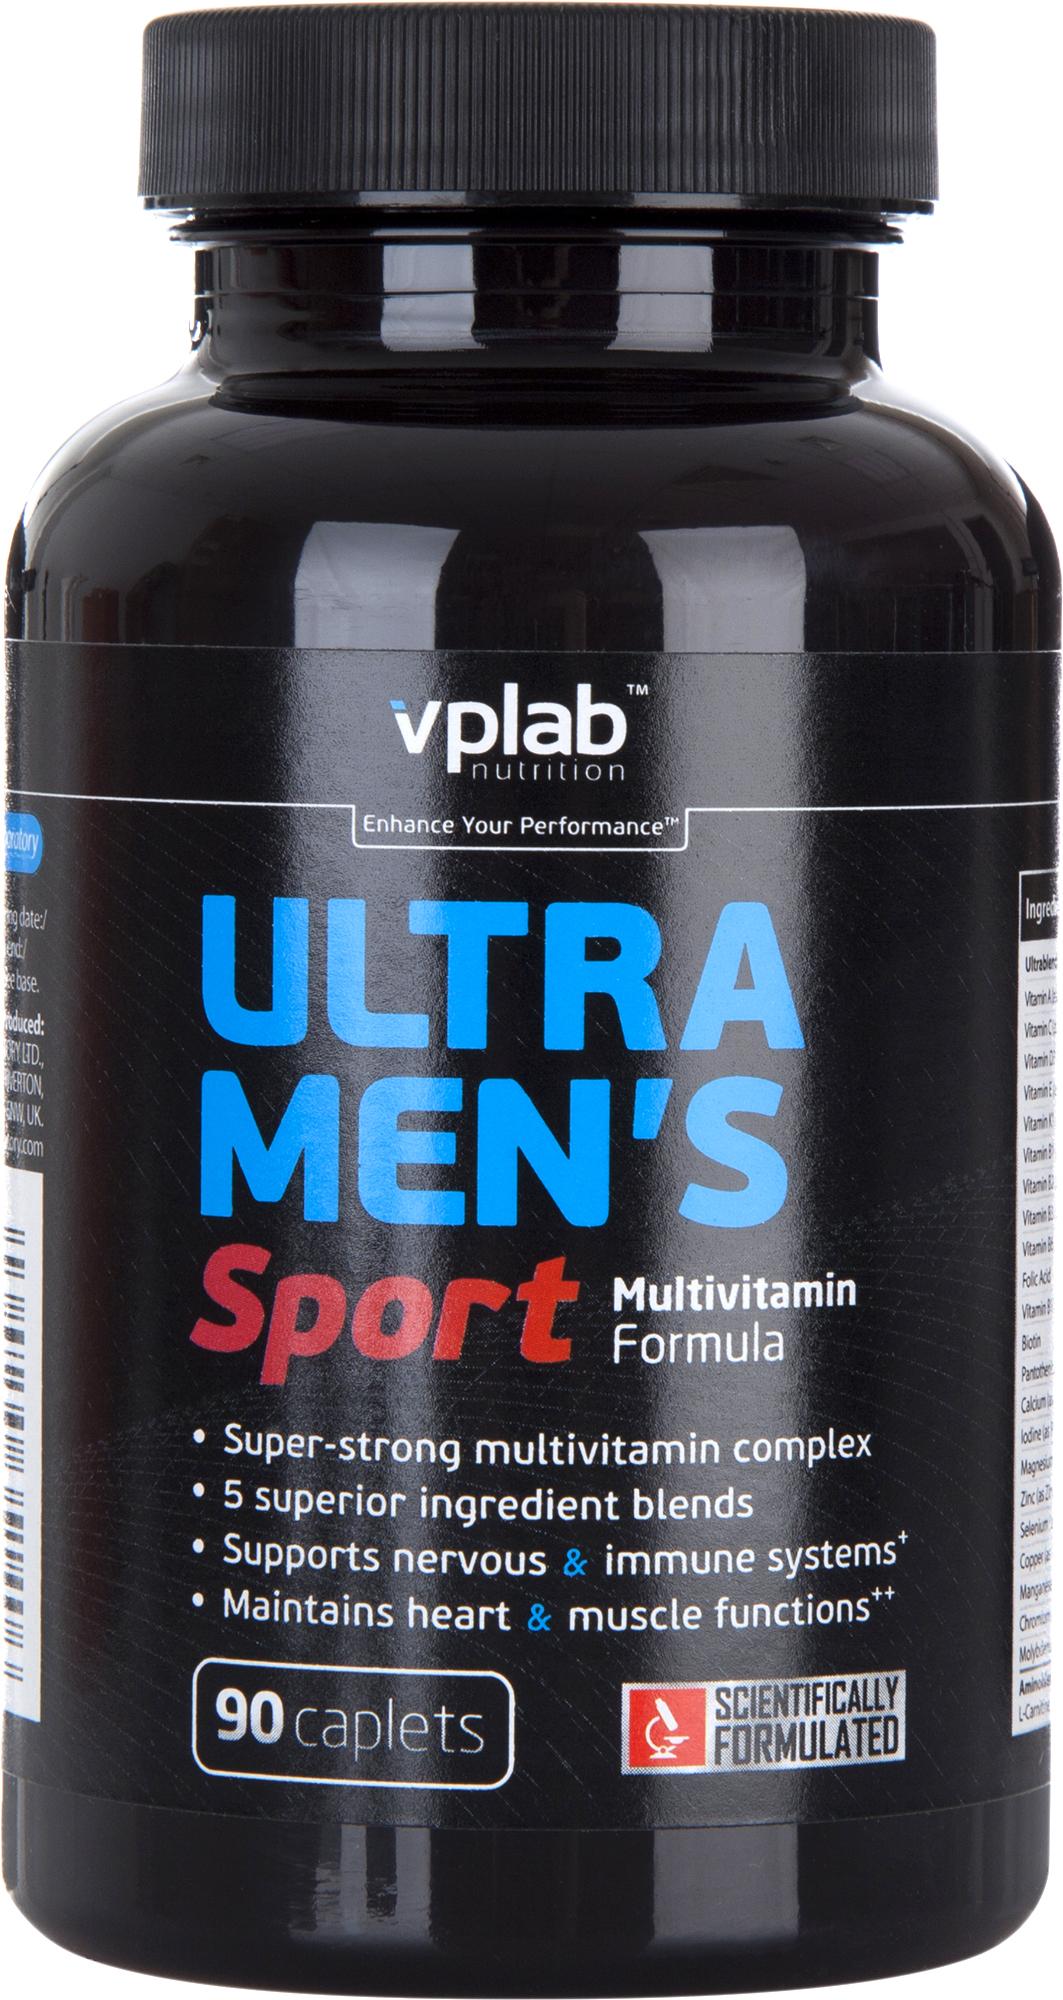 Vplab nutrition Мужской спортивный витаминно-минеральный комплекс Vplab nutrition стоимость